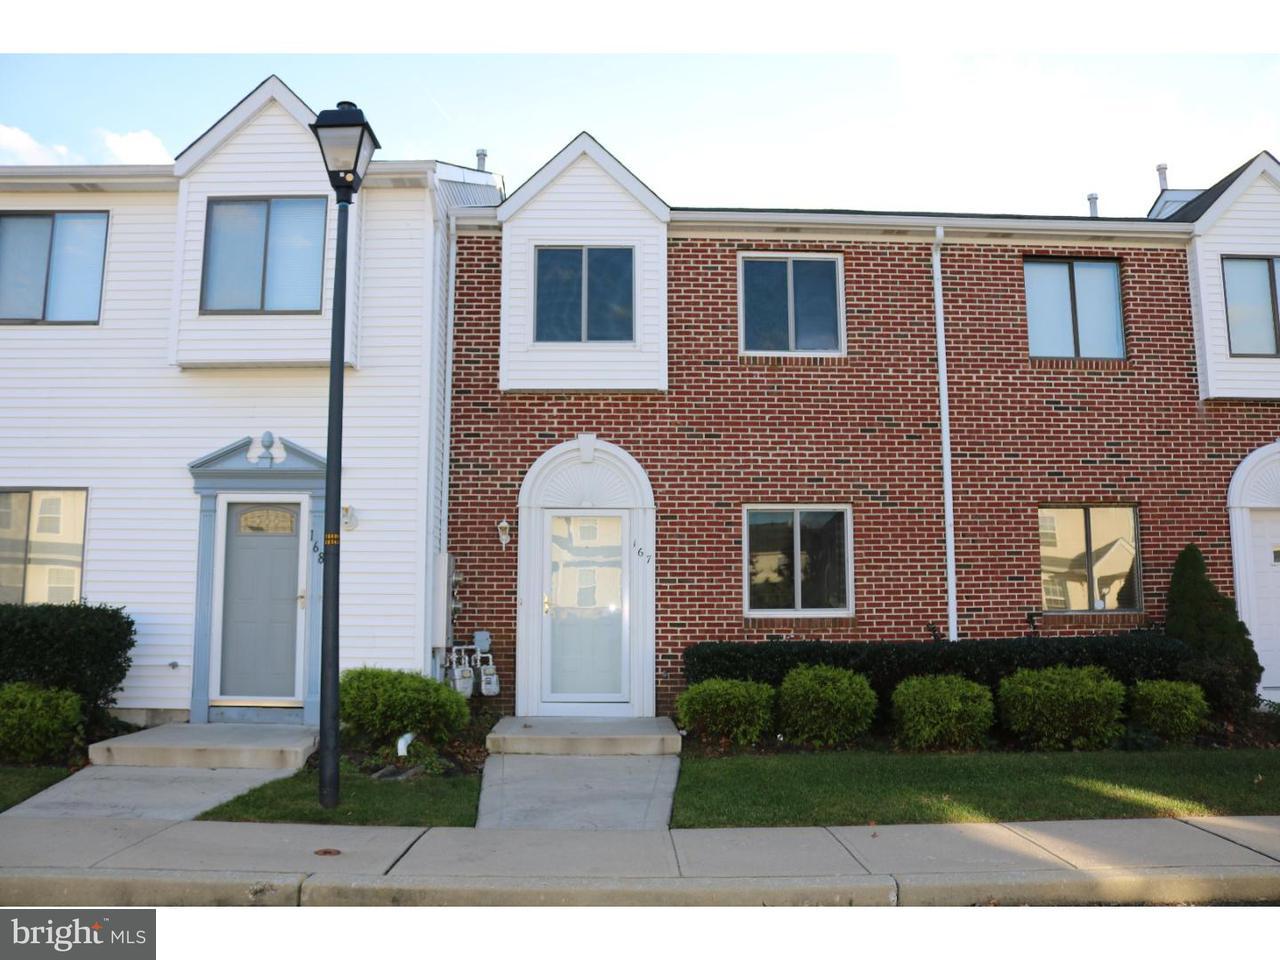 联栋屋 为 出租 在 167 YORKTOWN BLVD Hammonton, 新泽西州 08037 美国